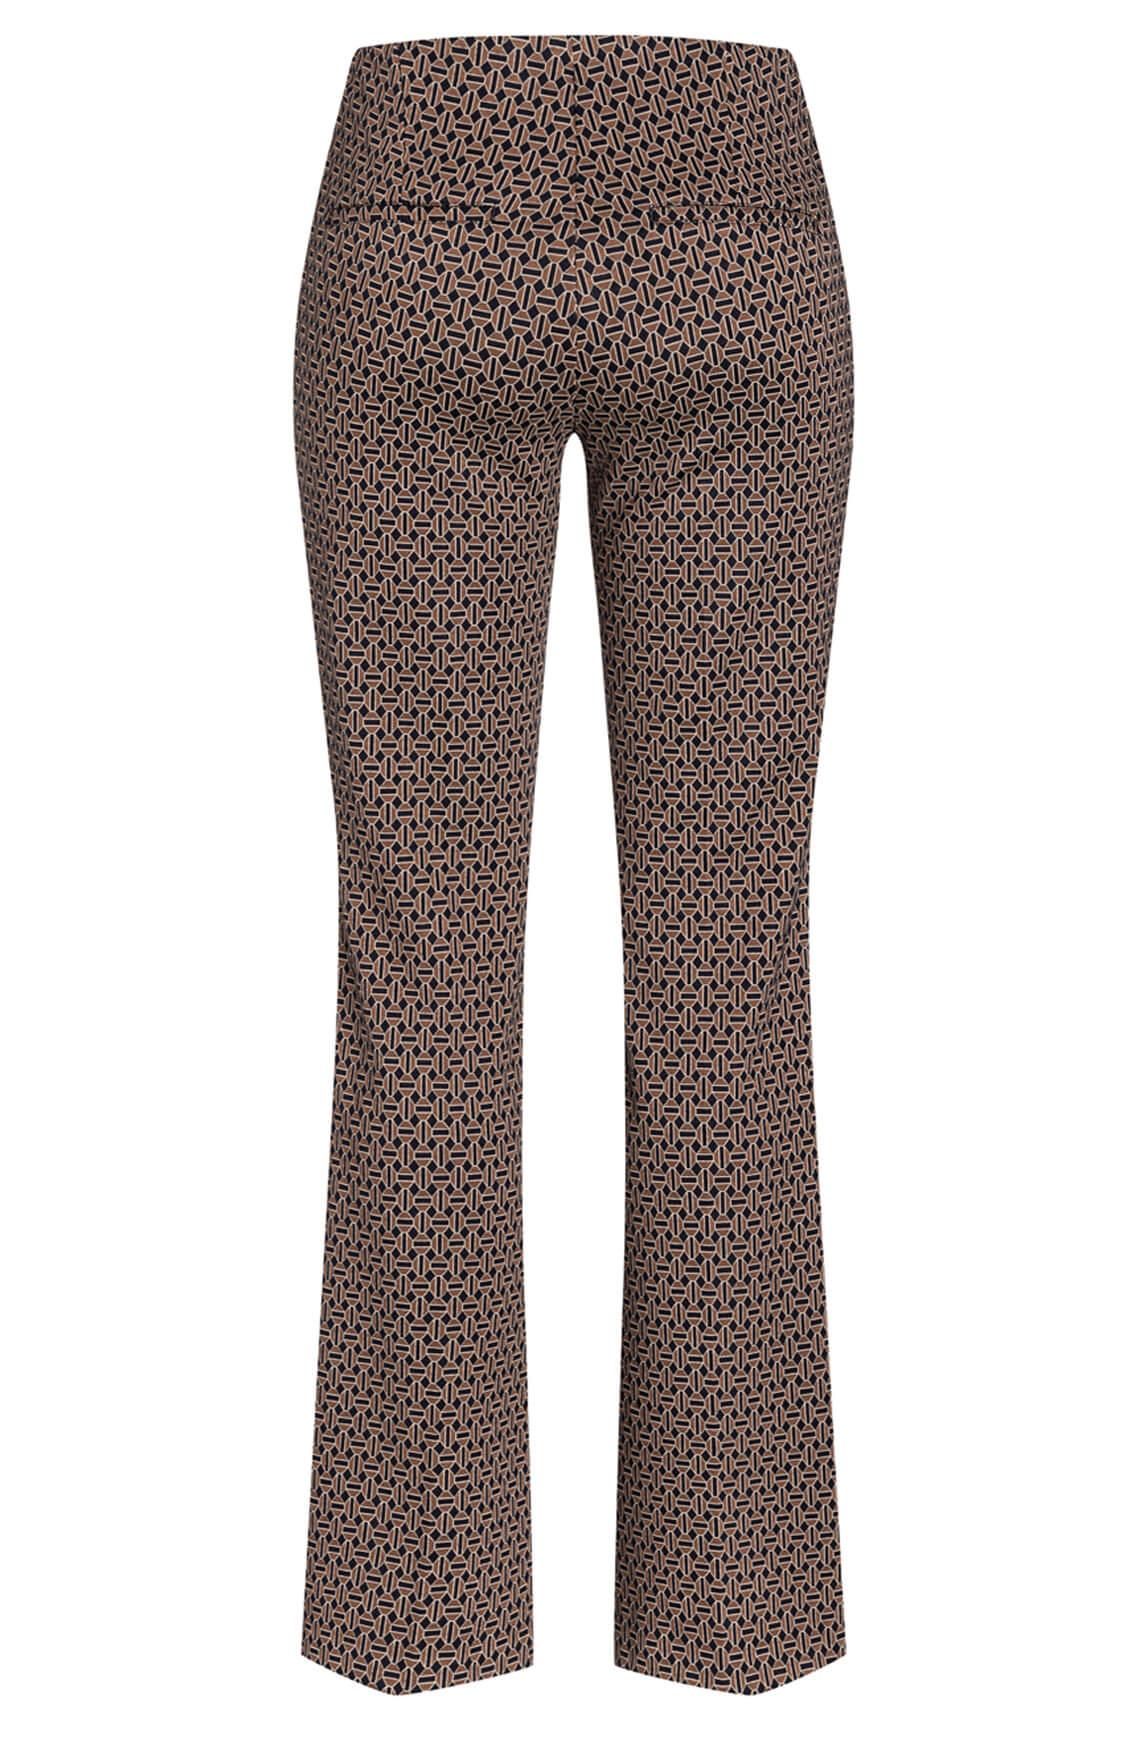 Cambio Dames Ros flared pantalon Bruin